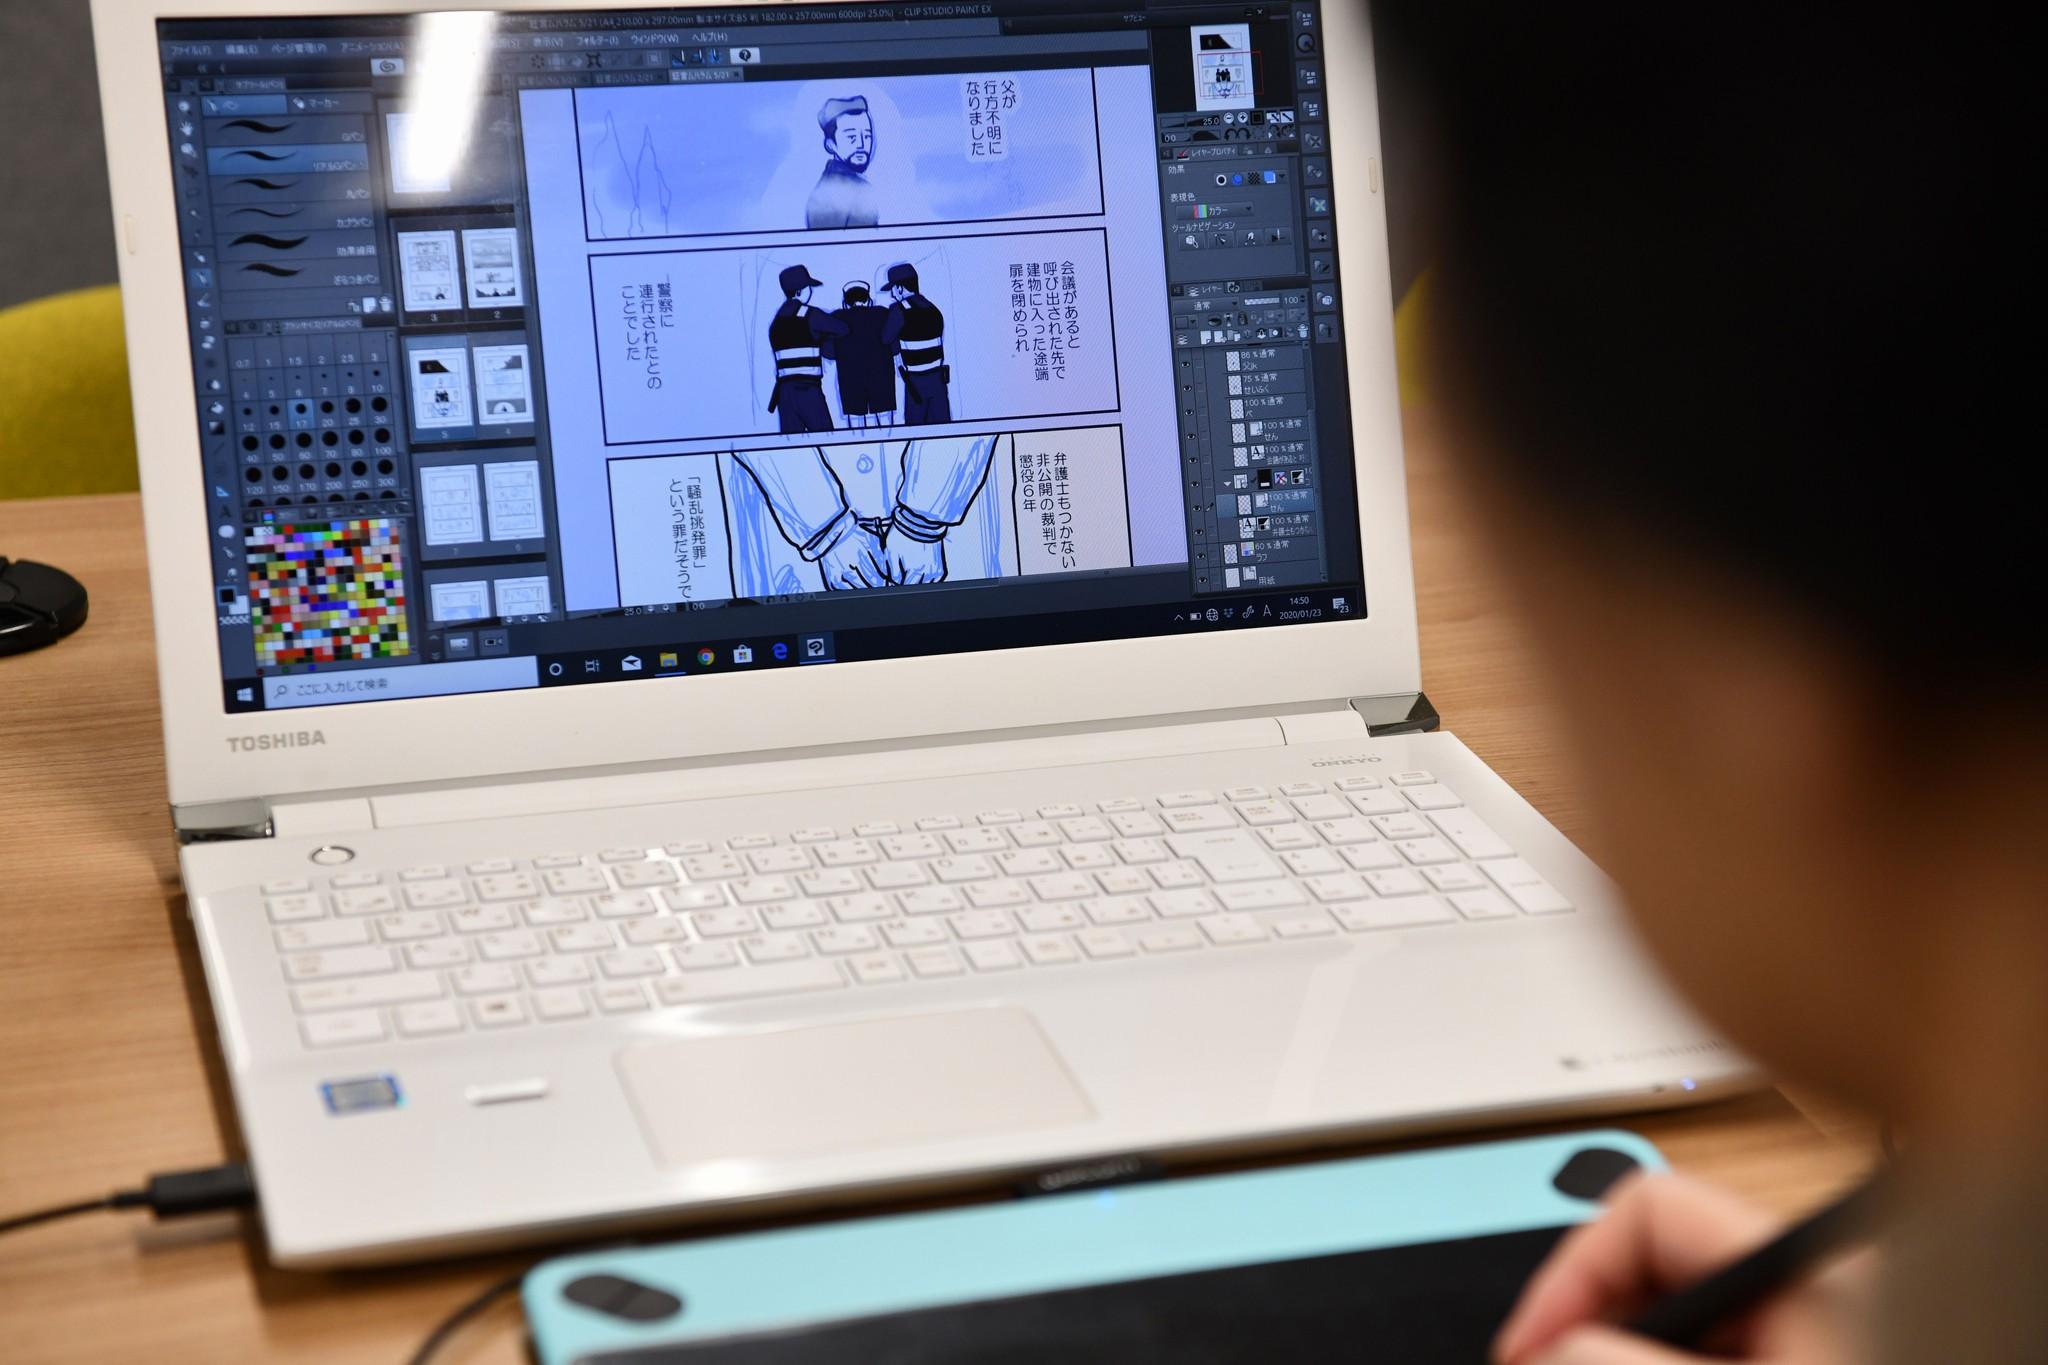 パソコンで漫画を制作する清水ともみさんの写真。奥に漫画が映し出されたノートパソコンがあり、手前に後ろ姿の清水さんが写っている